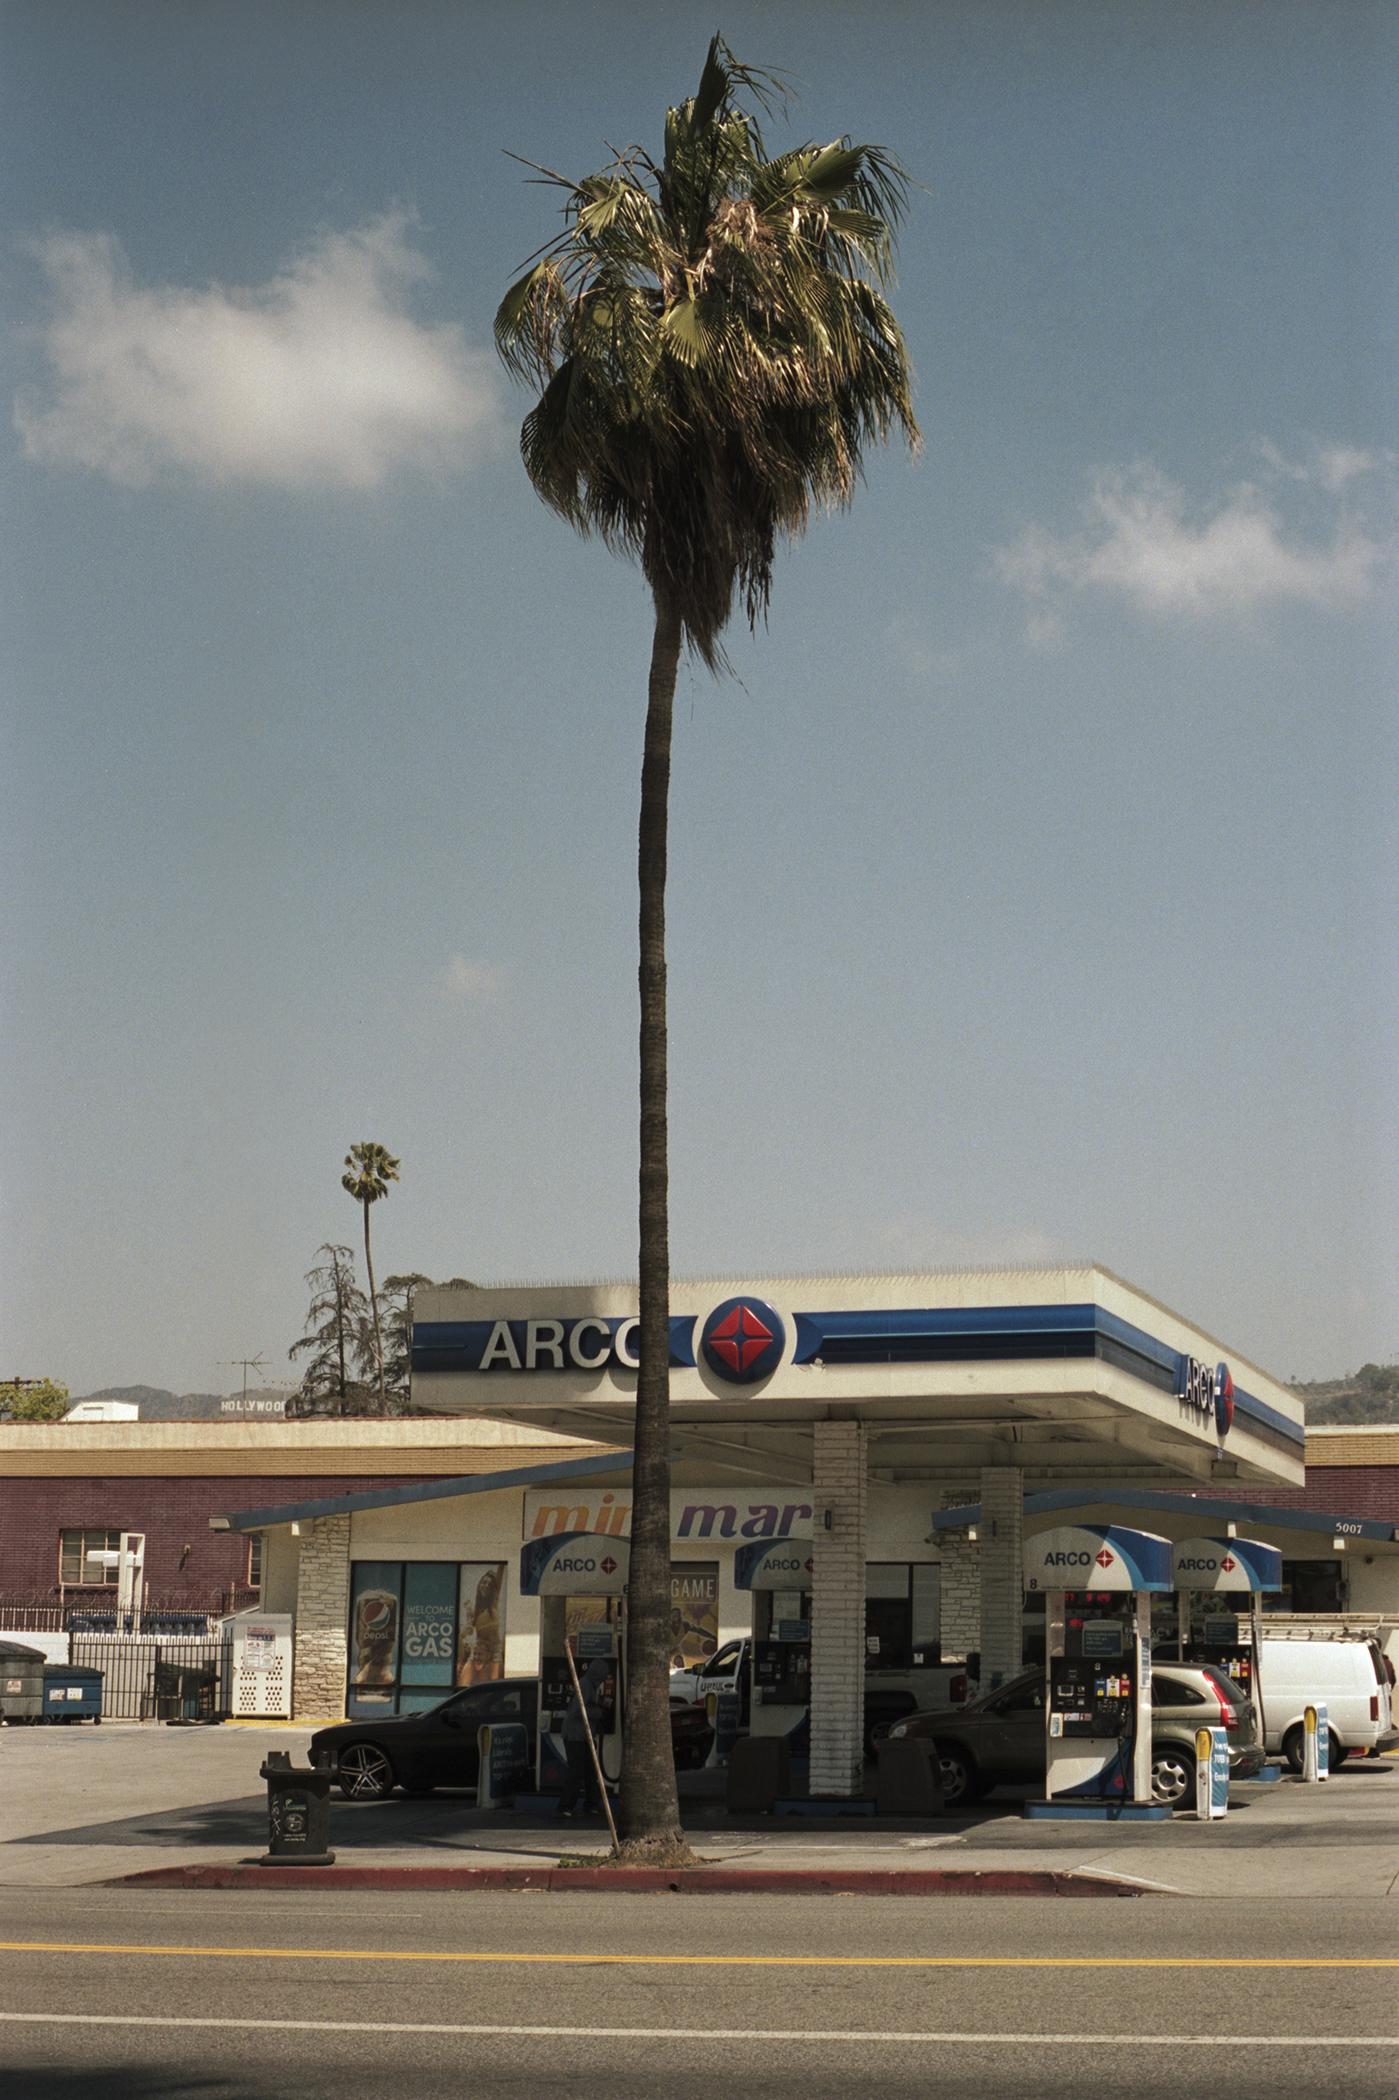 Arco - Los Angeles